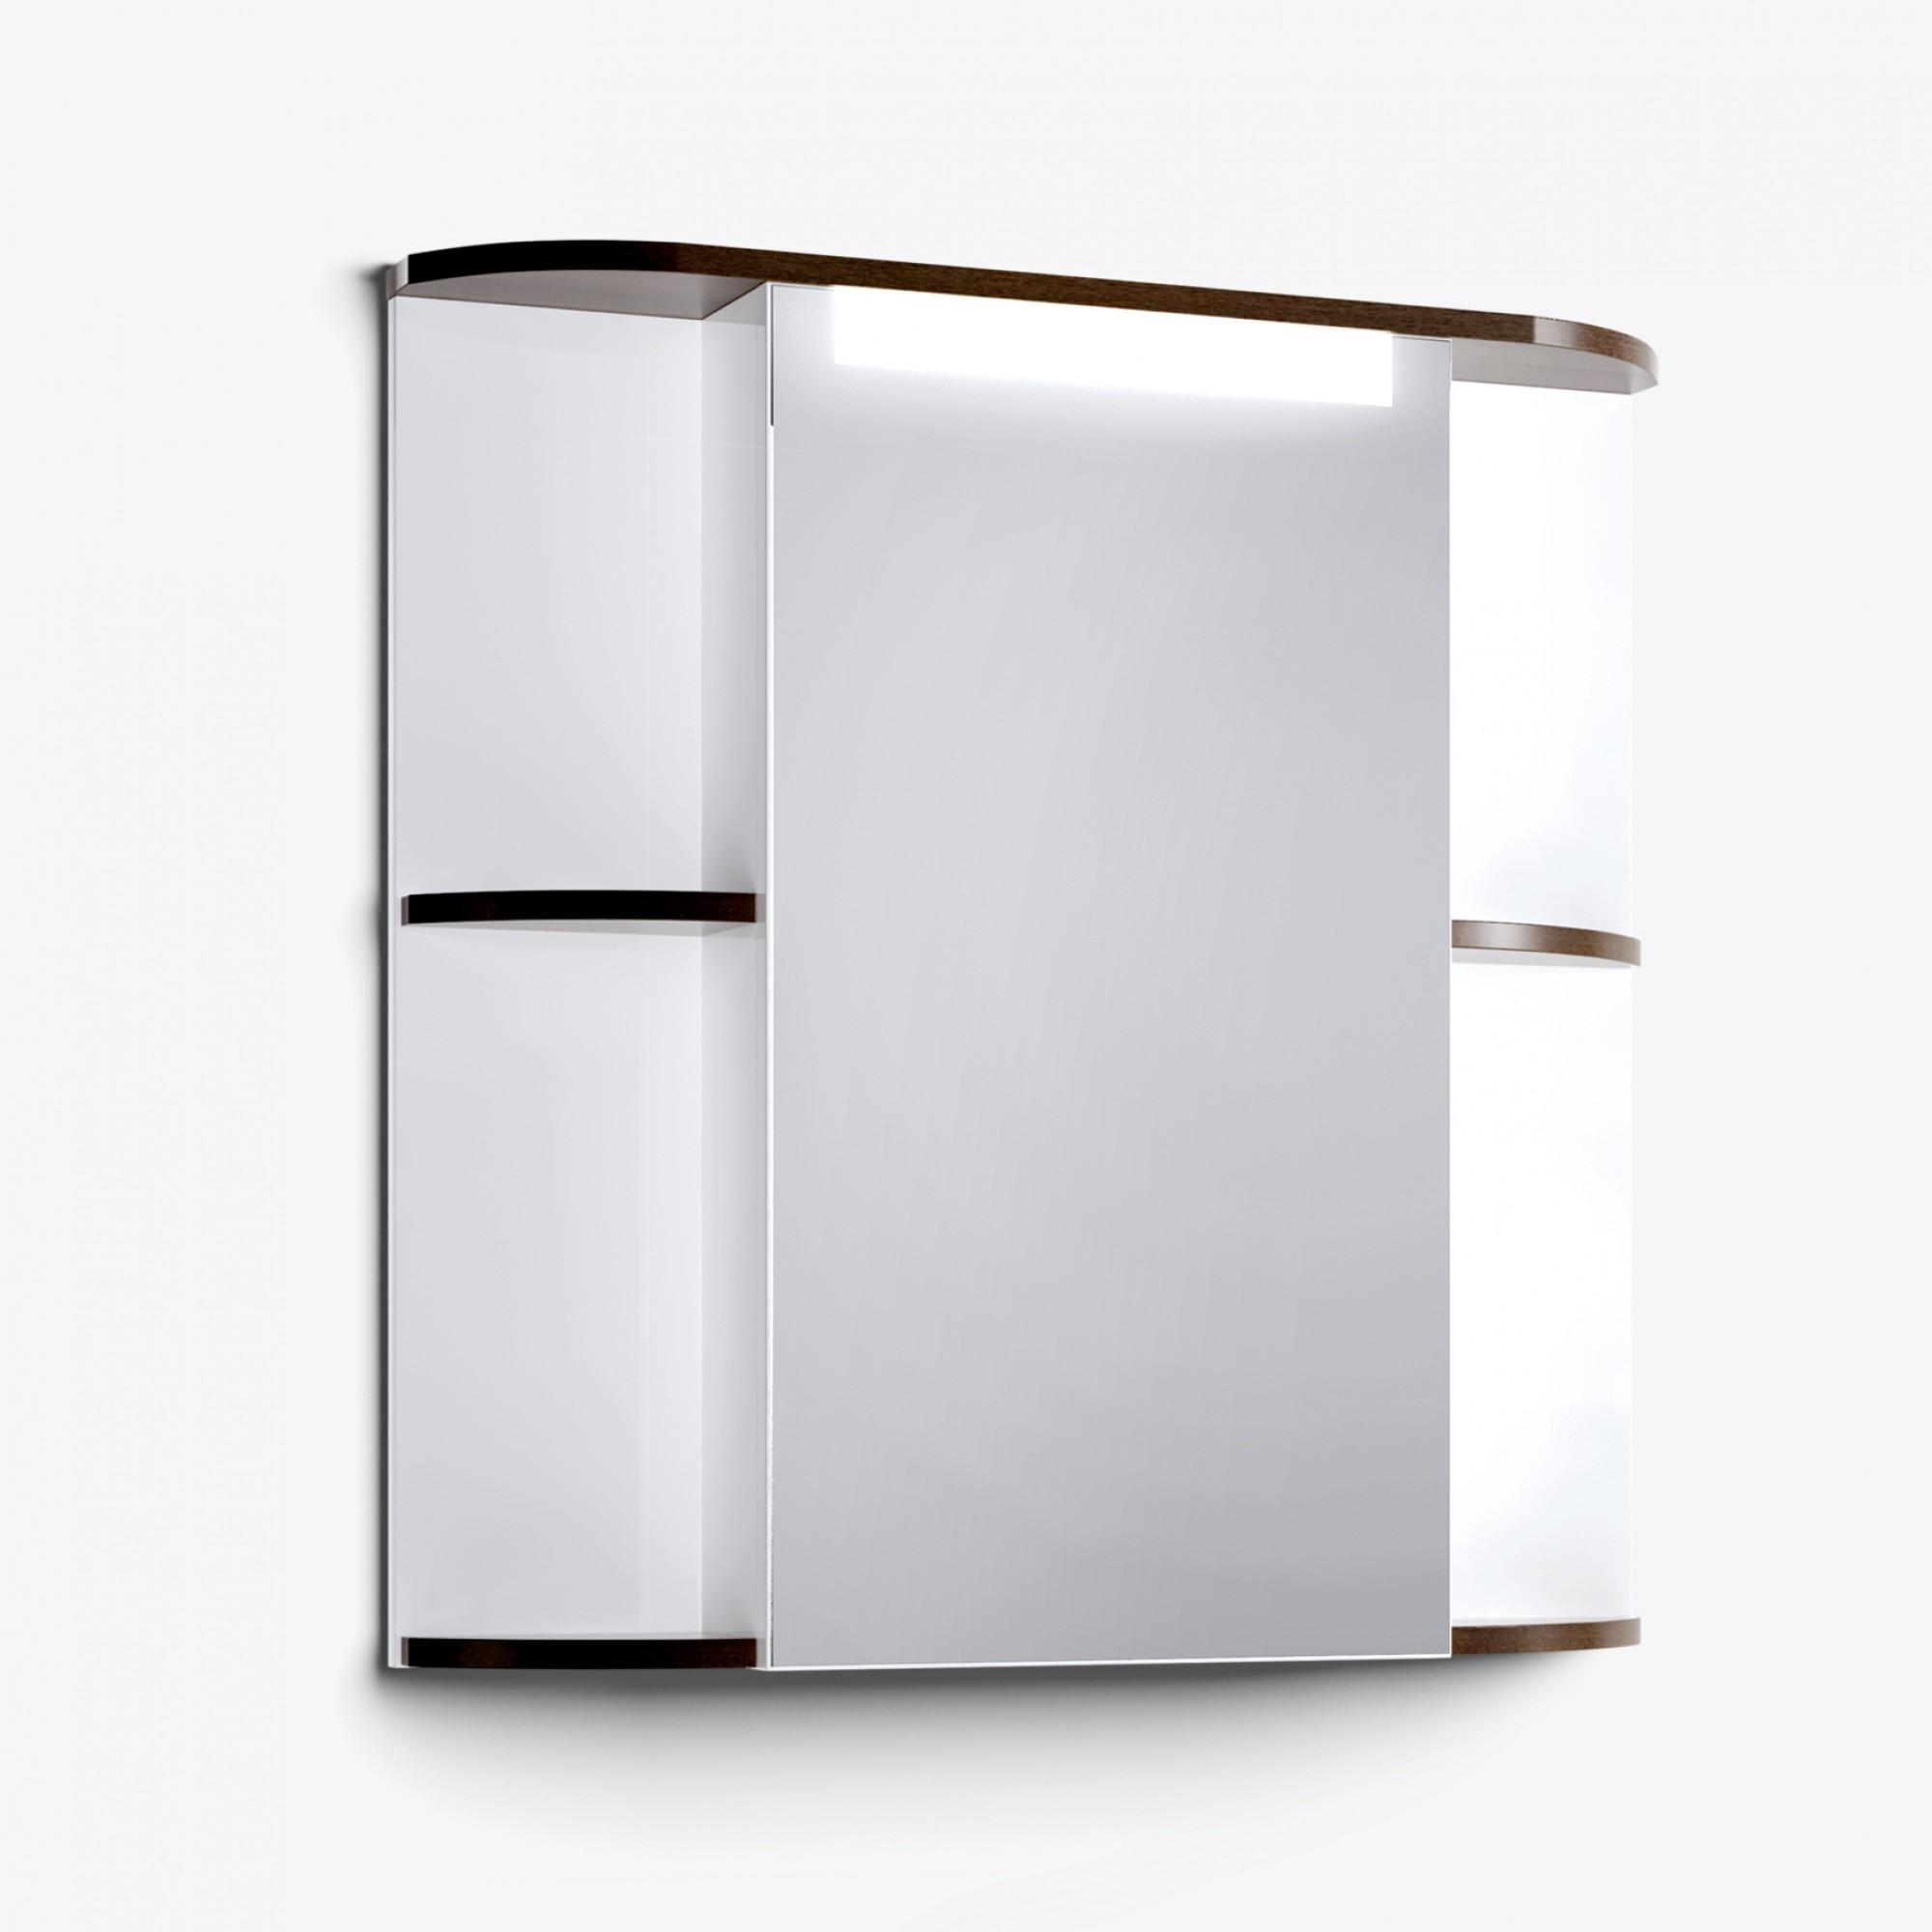 Шкаф зеркальный Latte 75 венге +8 650 руб.